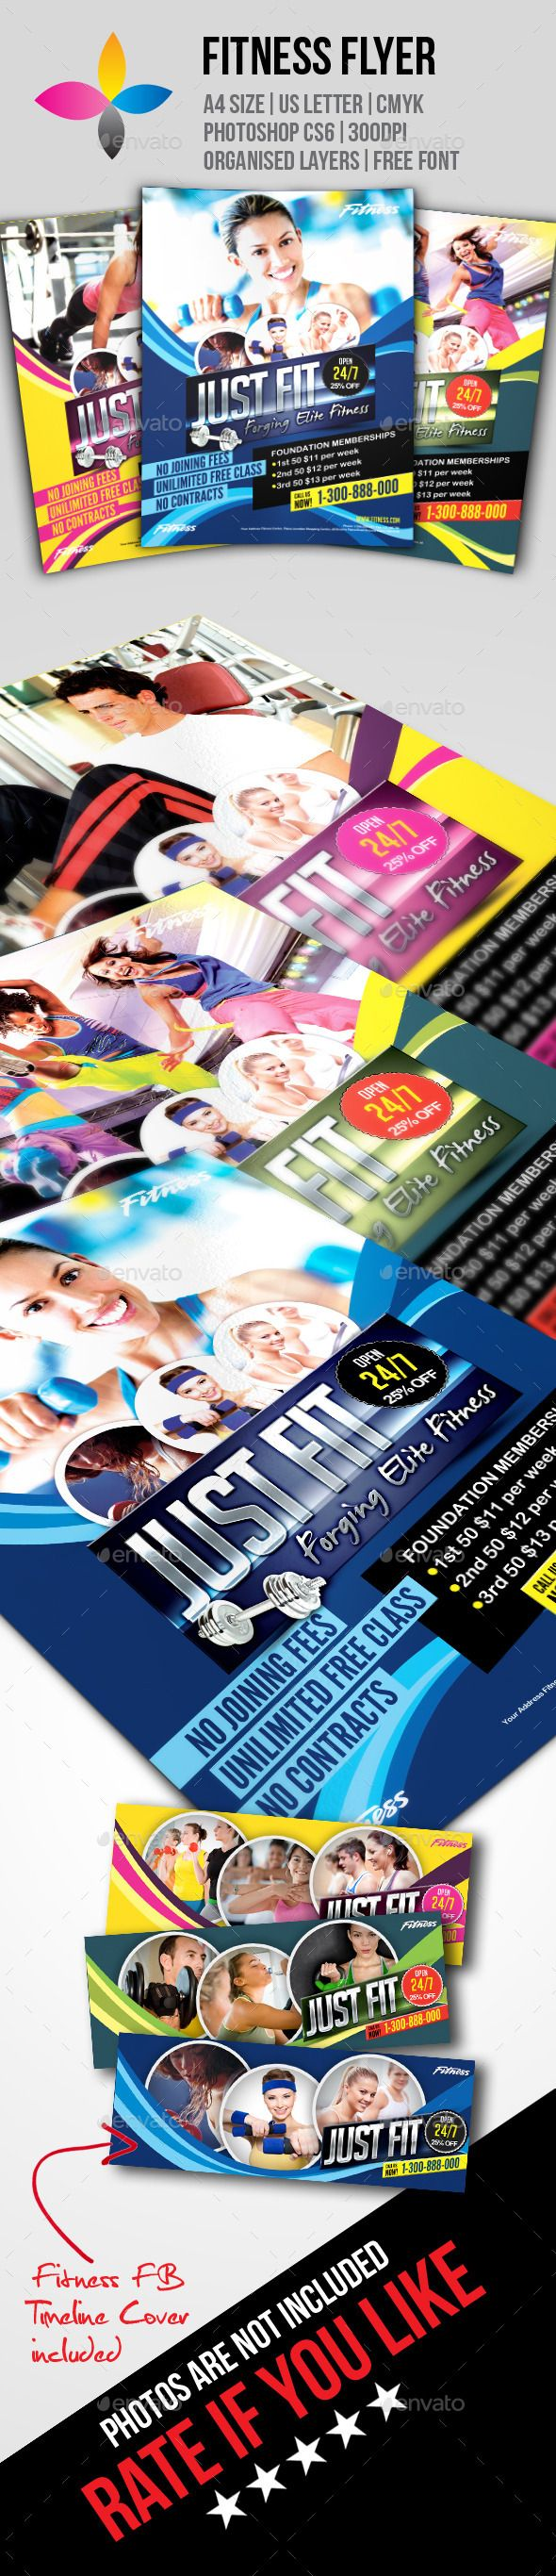 Zumba flyer design zumba flyers - Fitness Flyer Flyer Designzumbaprint